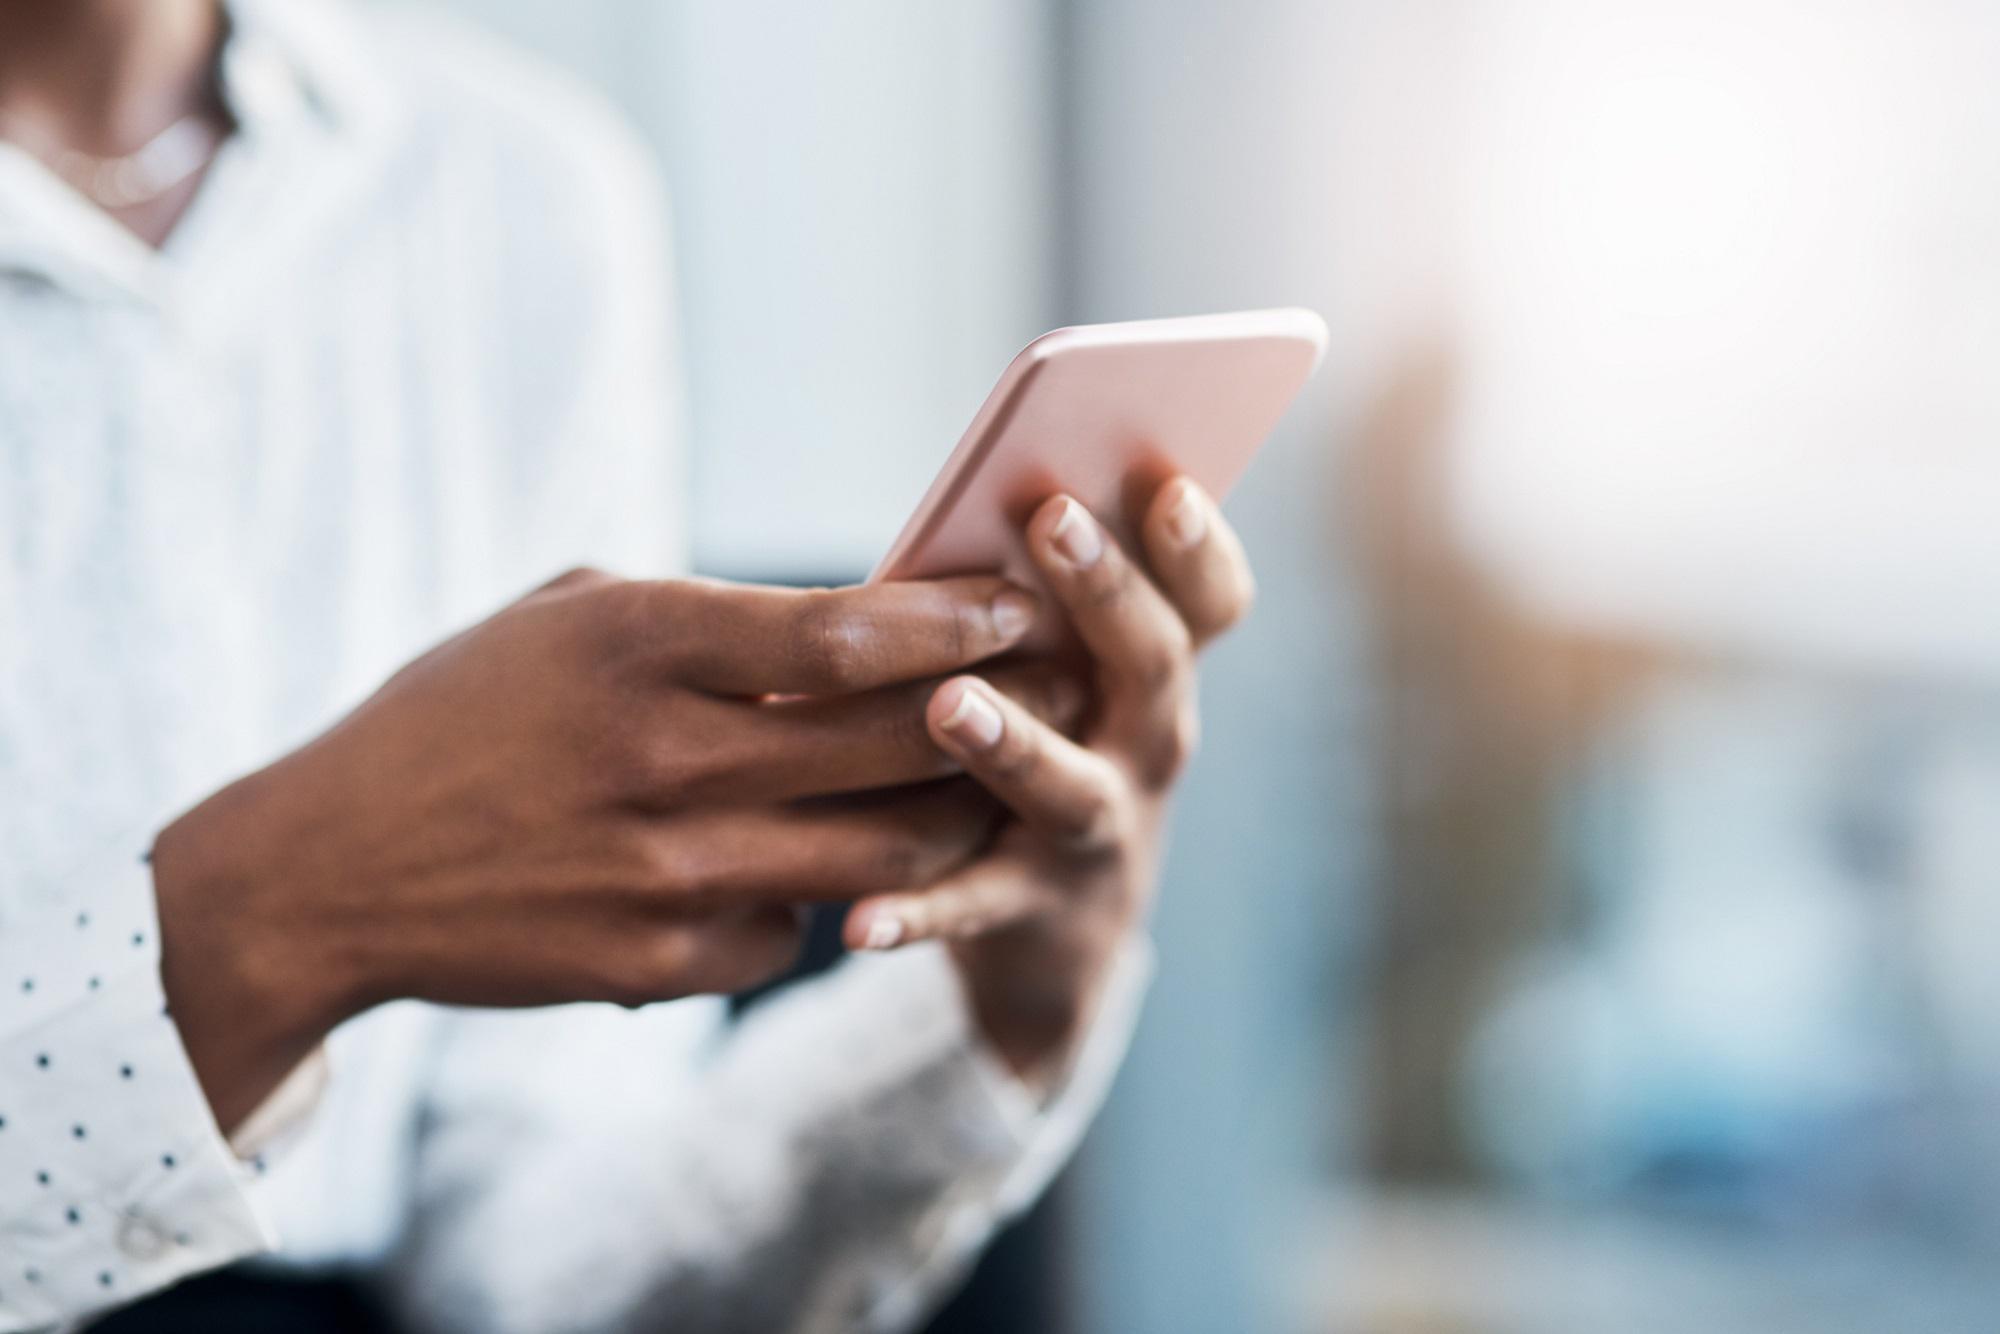 Κινητά και Πανδημία: Ερευνητές αναλύουν δεδομένα υγείας από smartphone